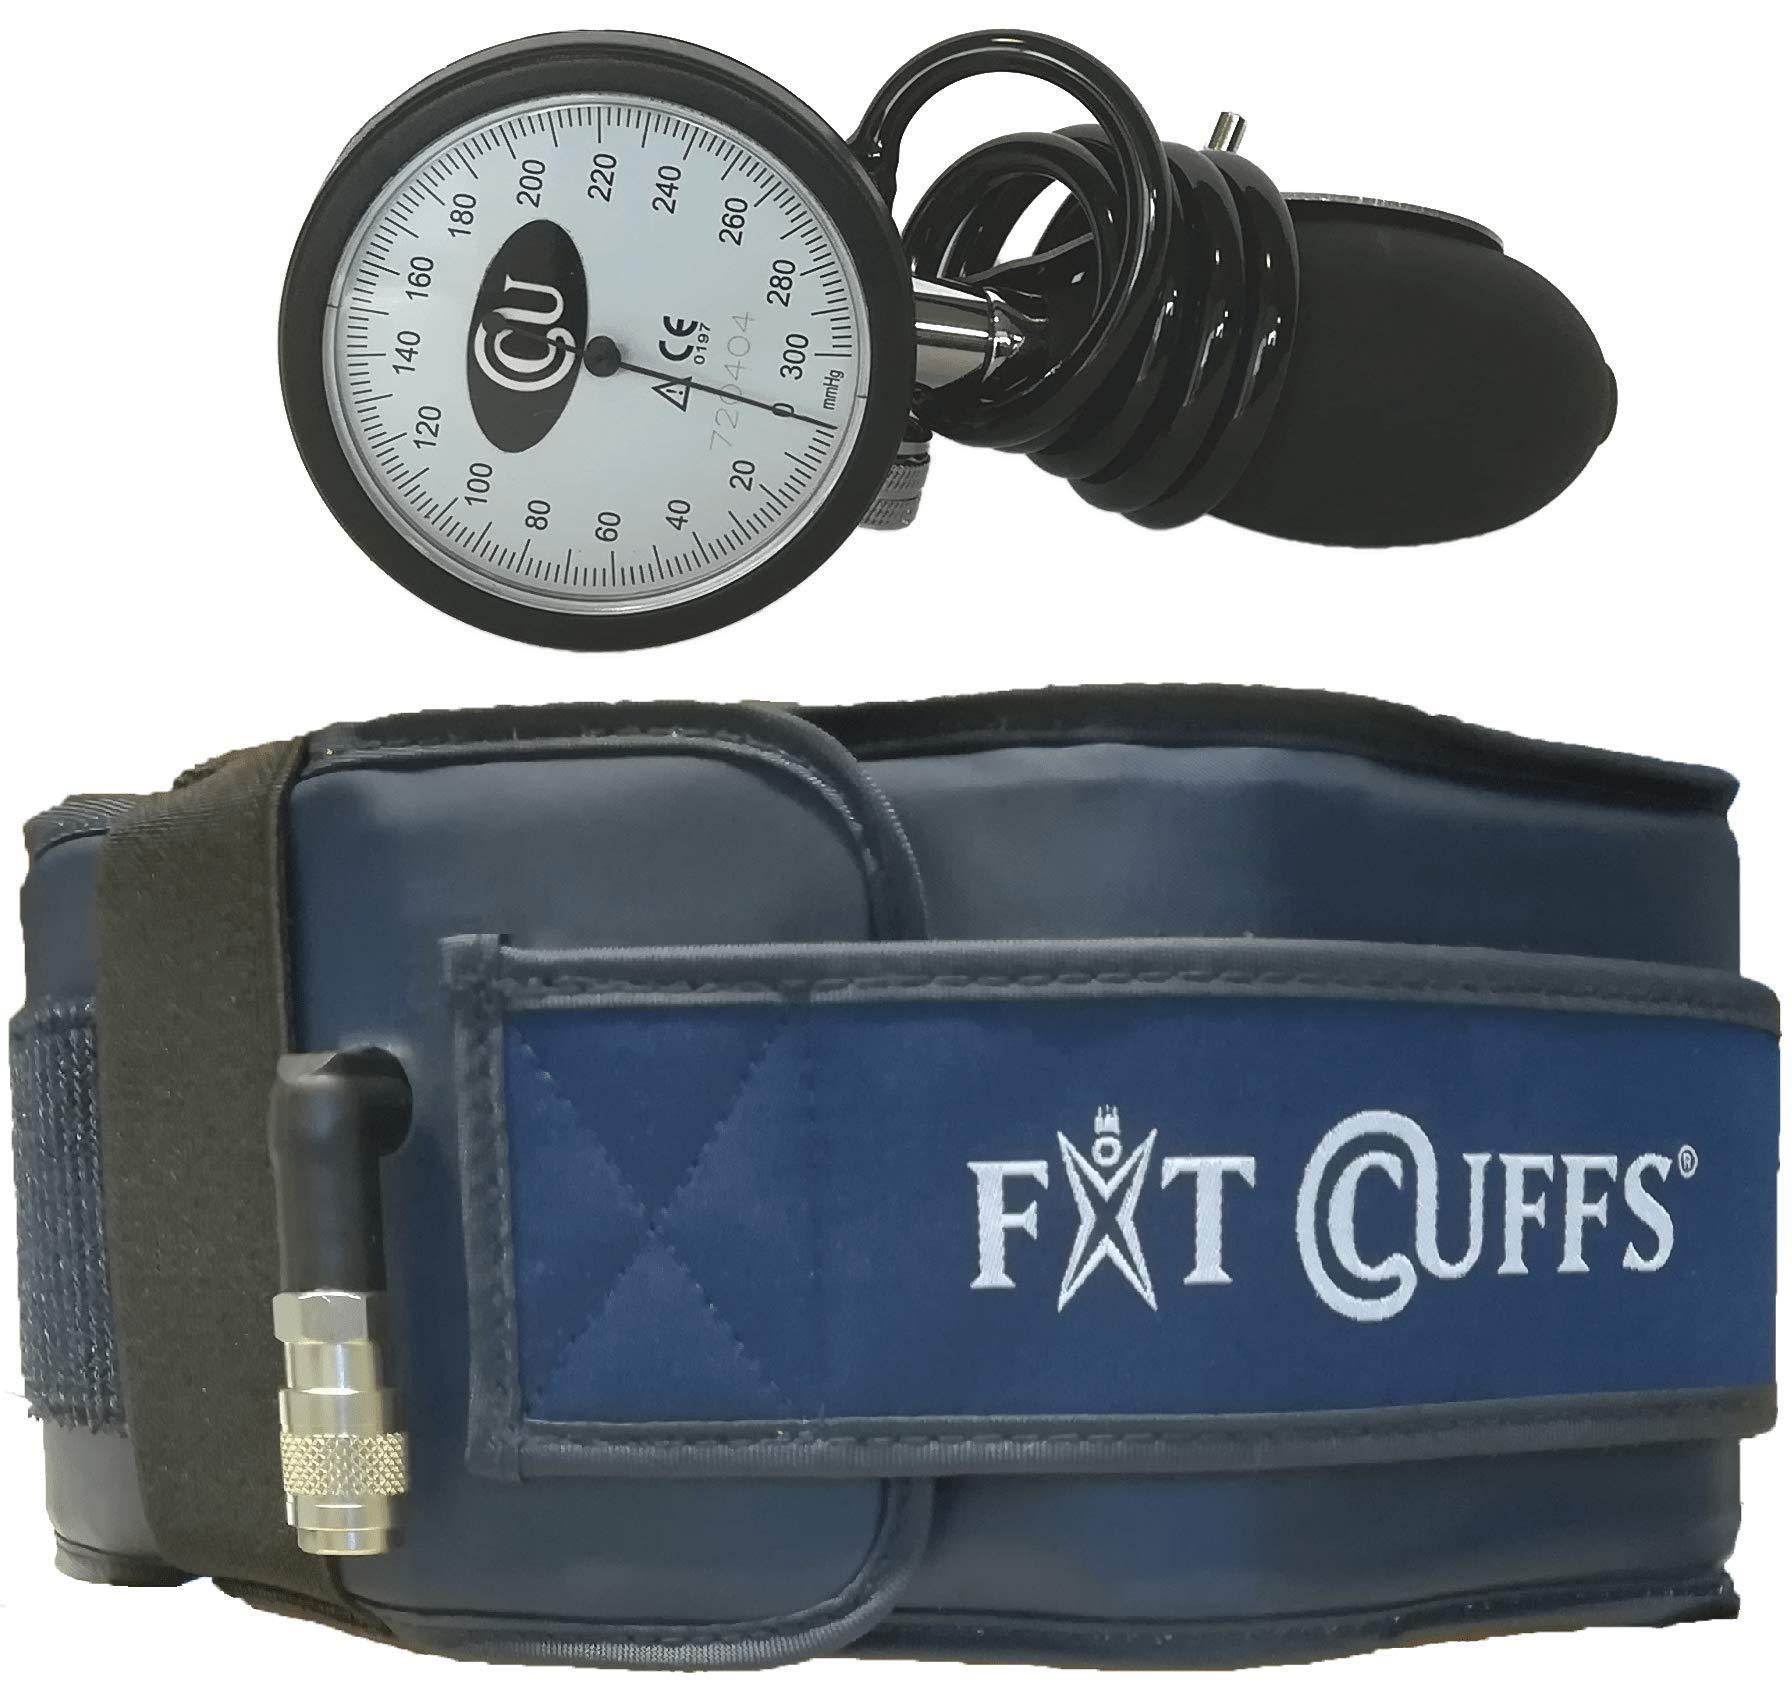 Fit Cuffs (Rehab – Lower Body